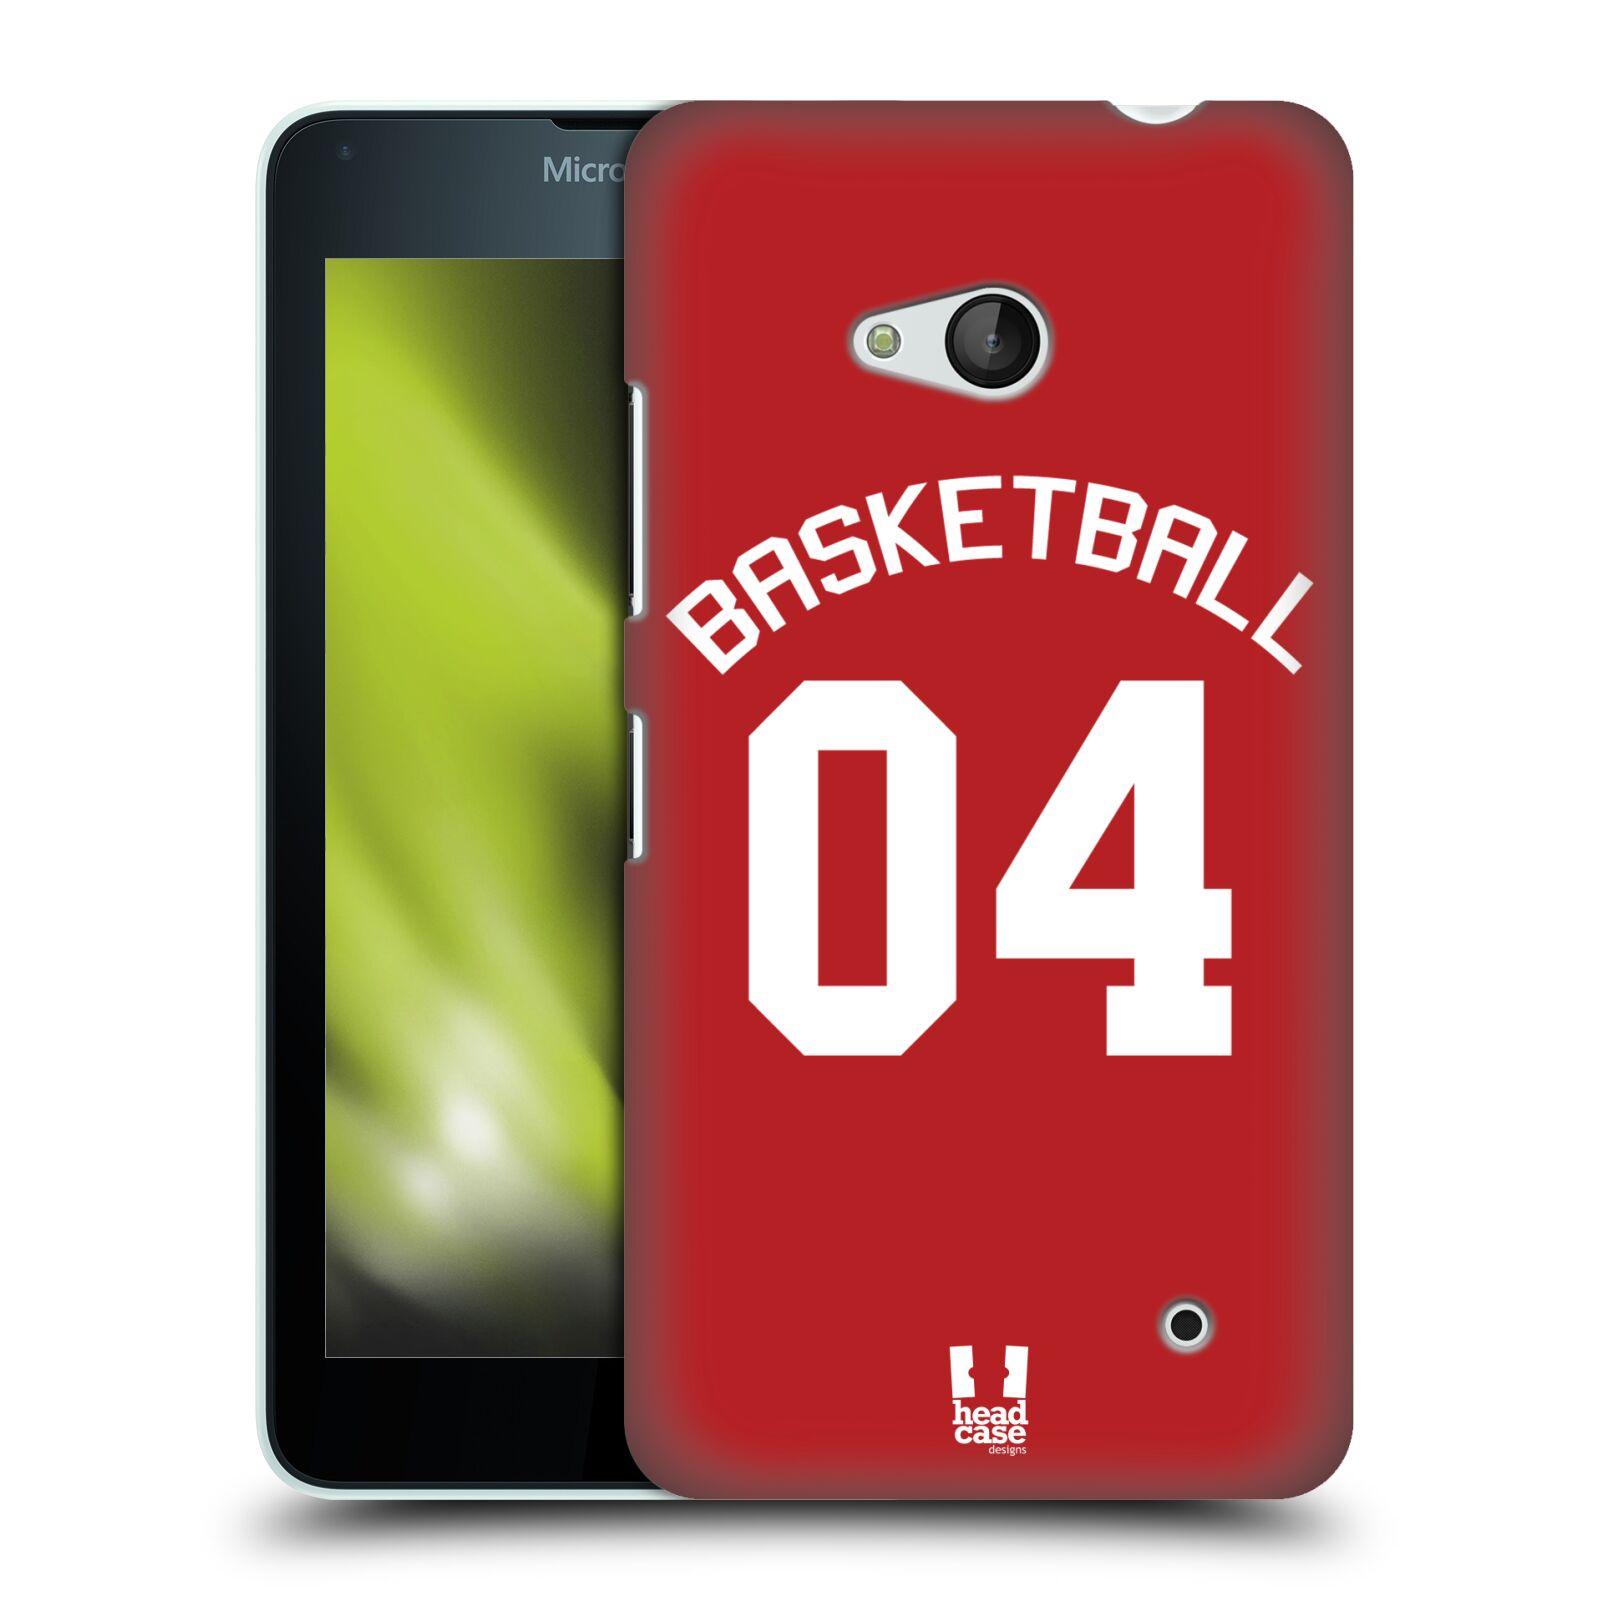 HEAD CASE plastový obal na mobil Nokia Lumia 640 Sportovní dres Basketbal červený